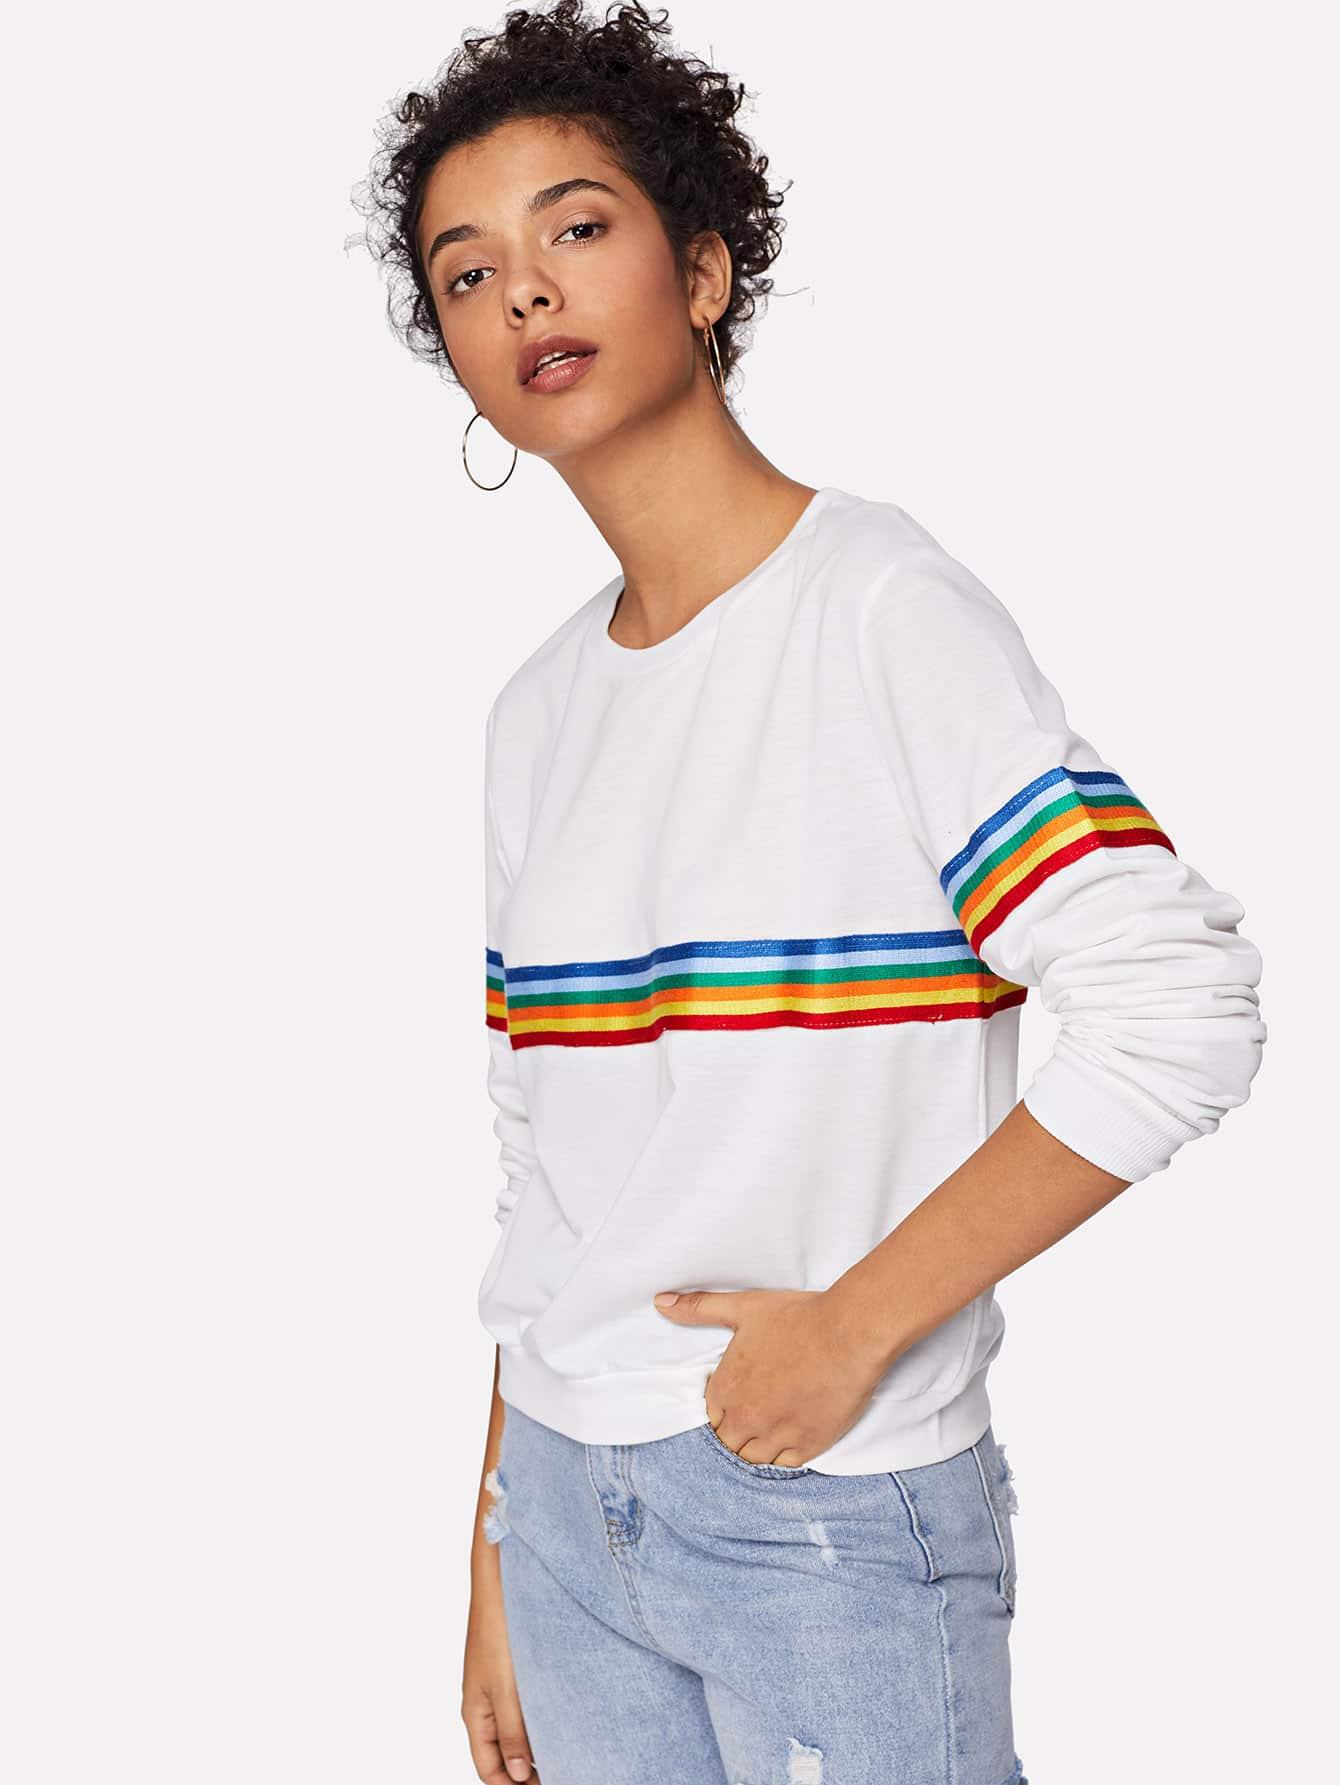 Купить Повседневный Полосатые изображения Пуловеры Белый Свитшоты, Starl Lane, SheIn